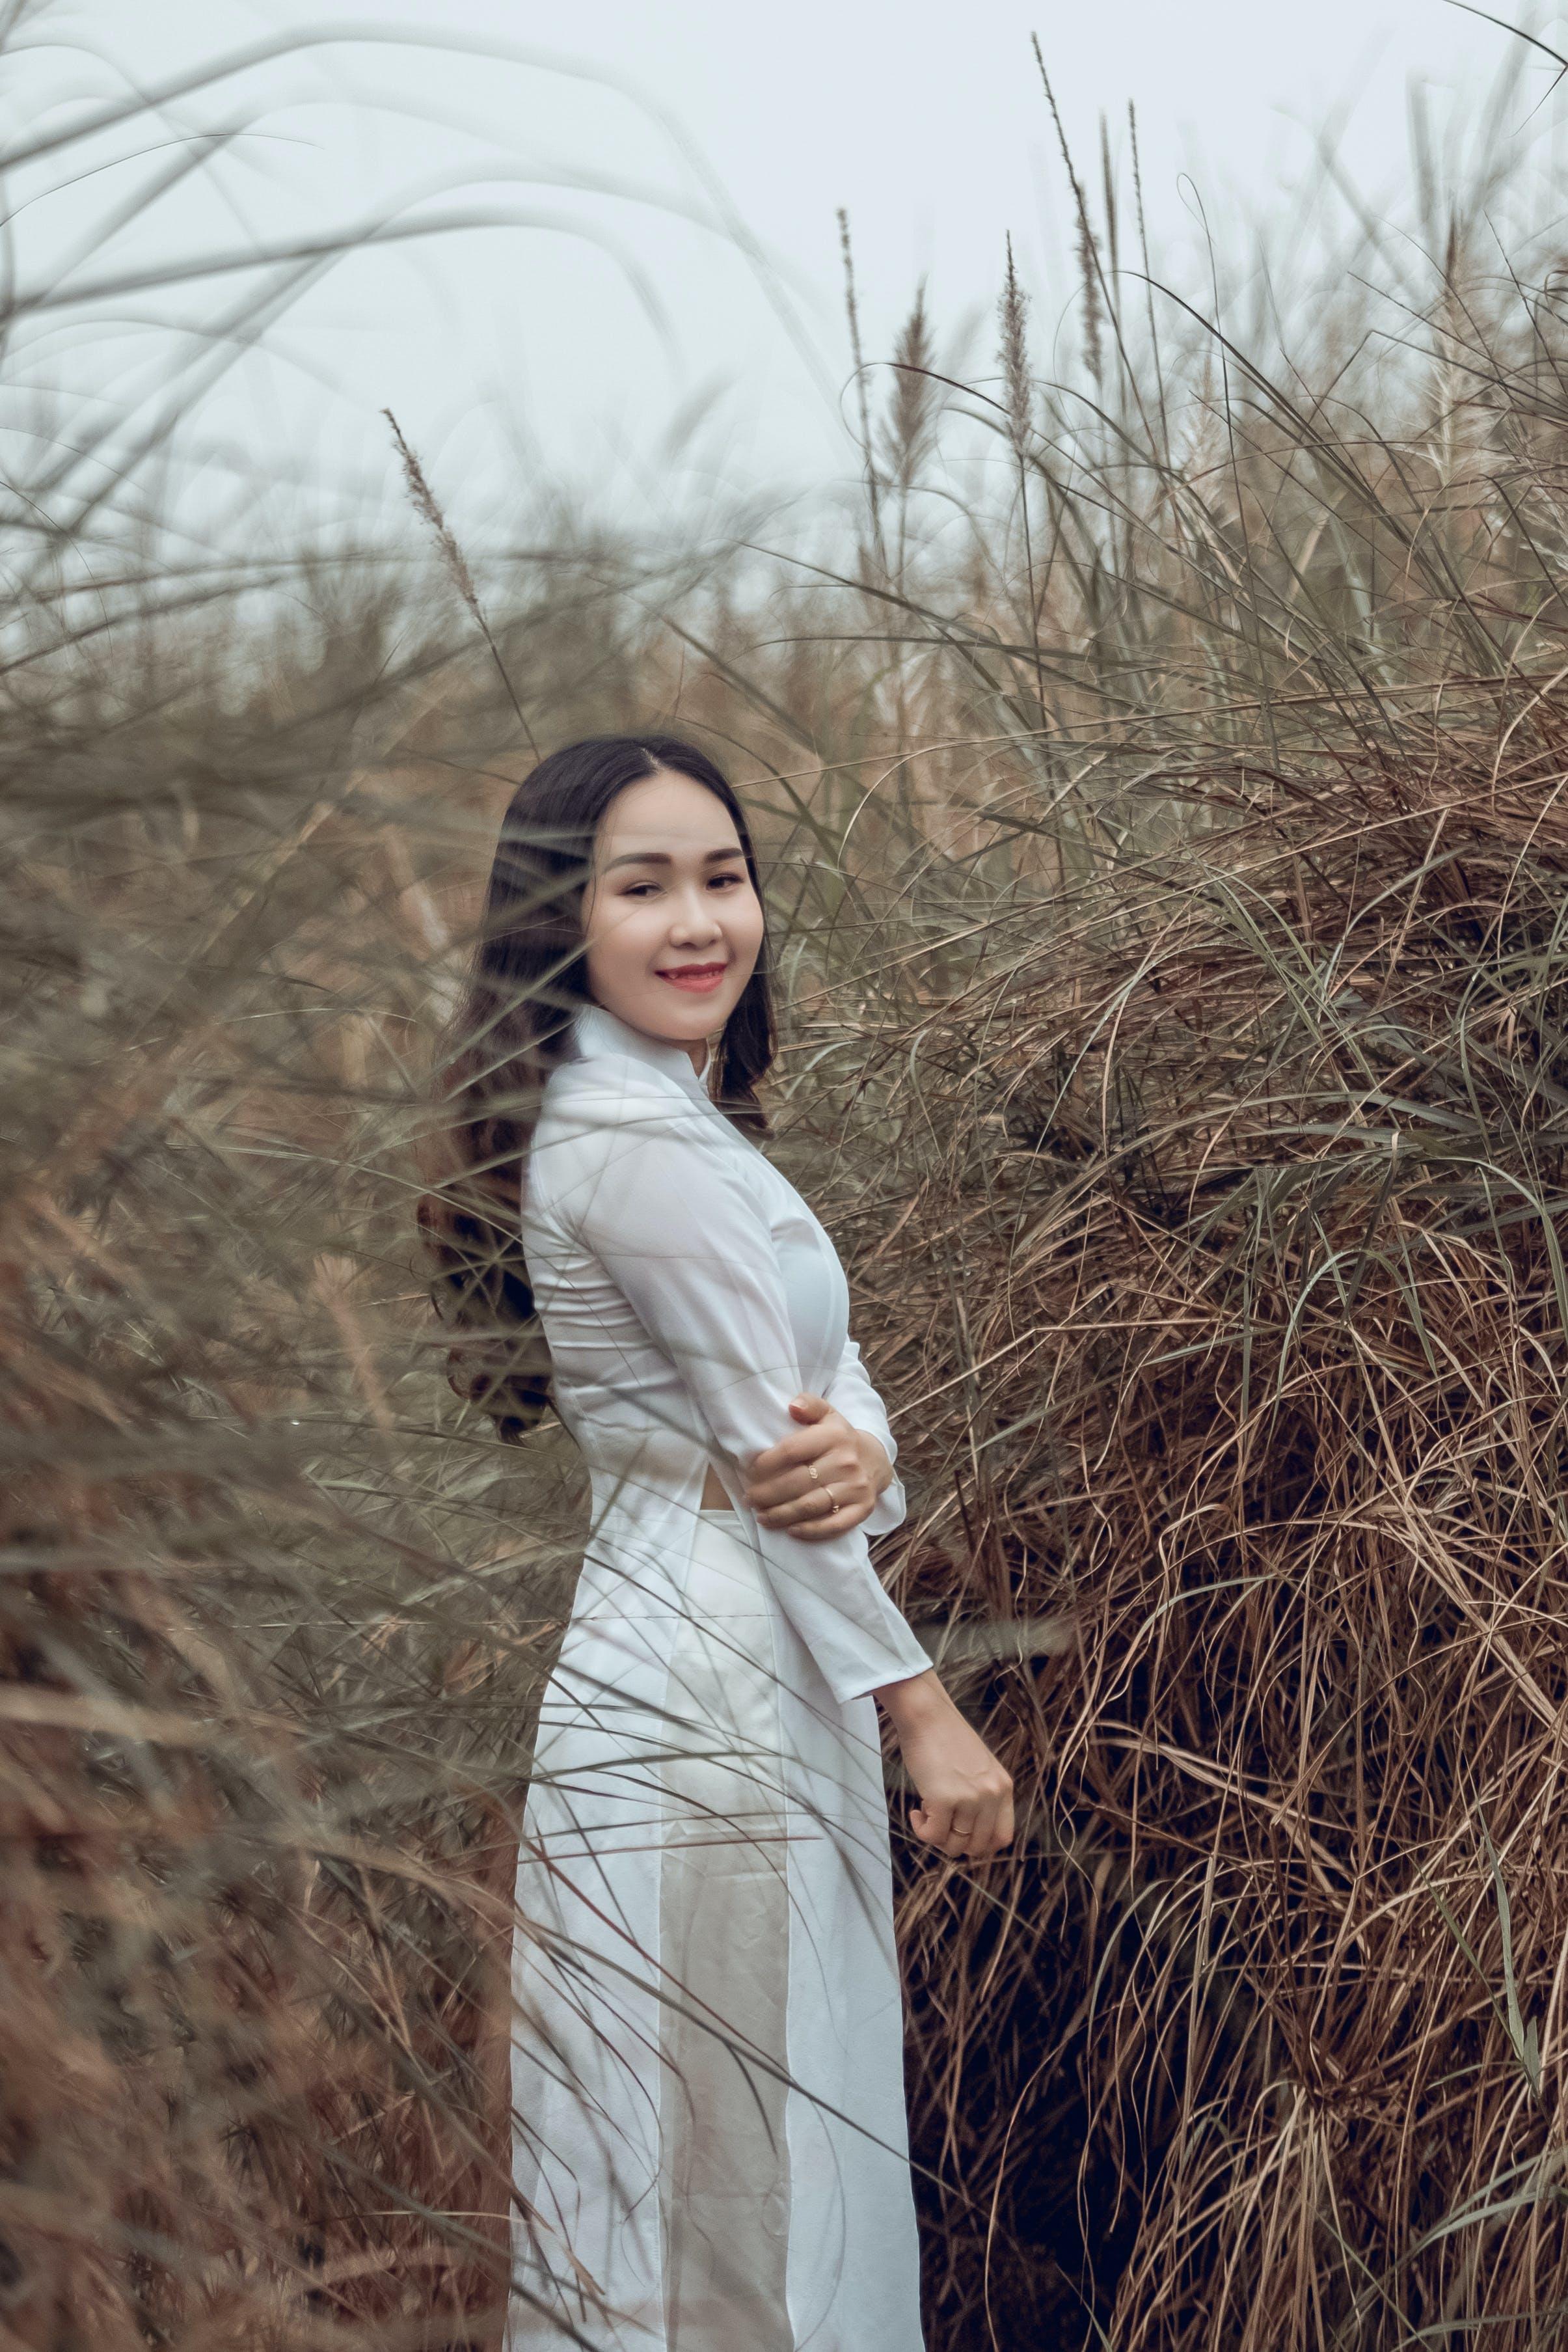 亞洲女人, 亞洲女孩, 休閒, 傳統服飾 的 免费素材照片